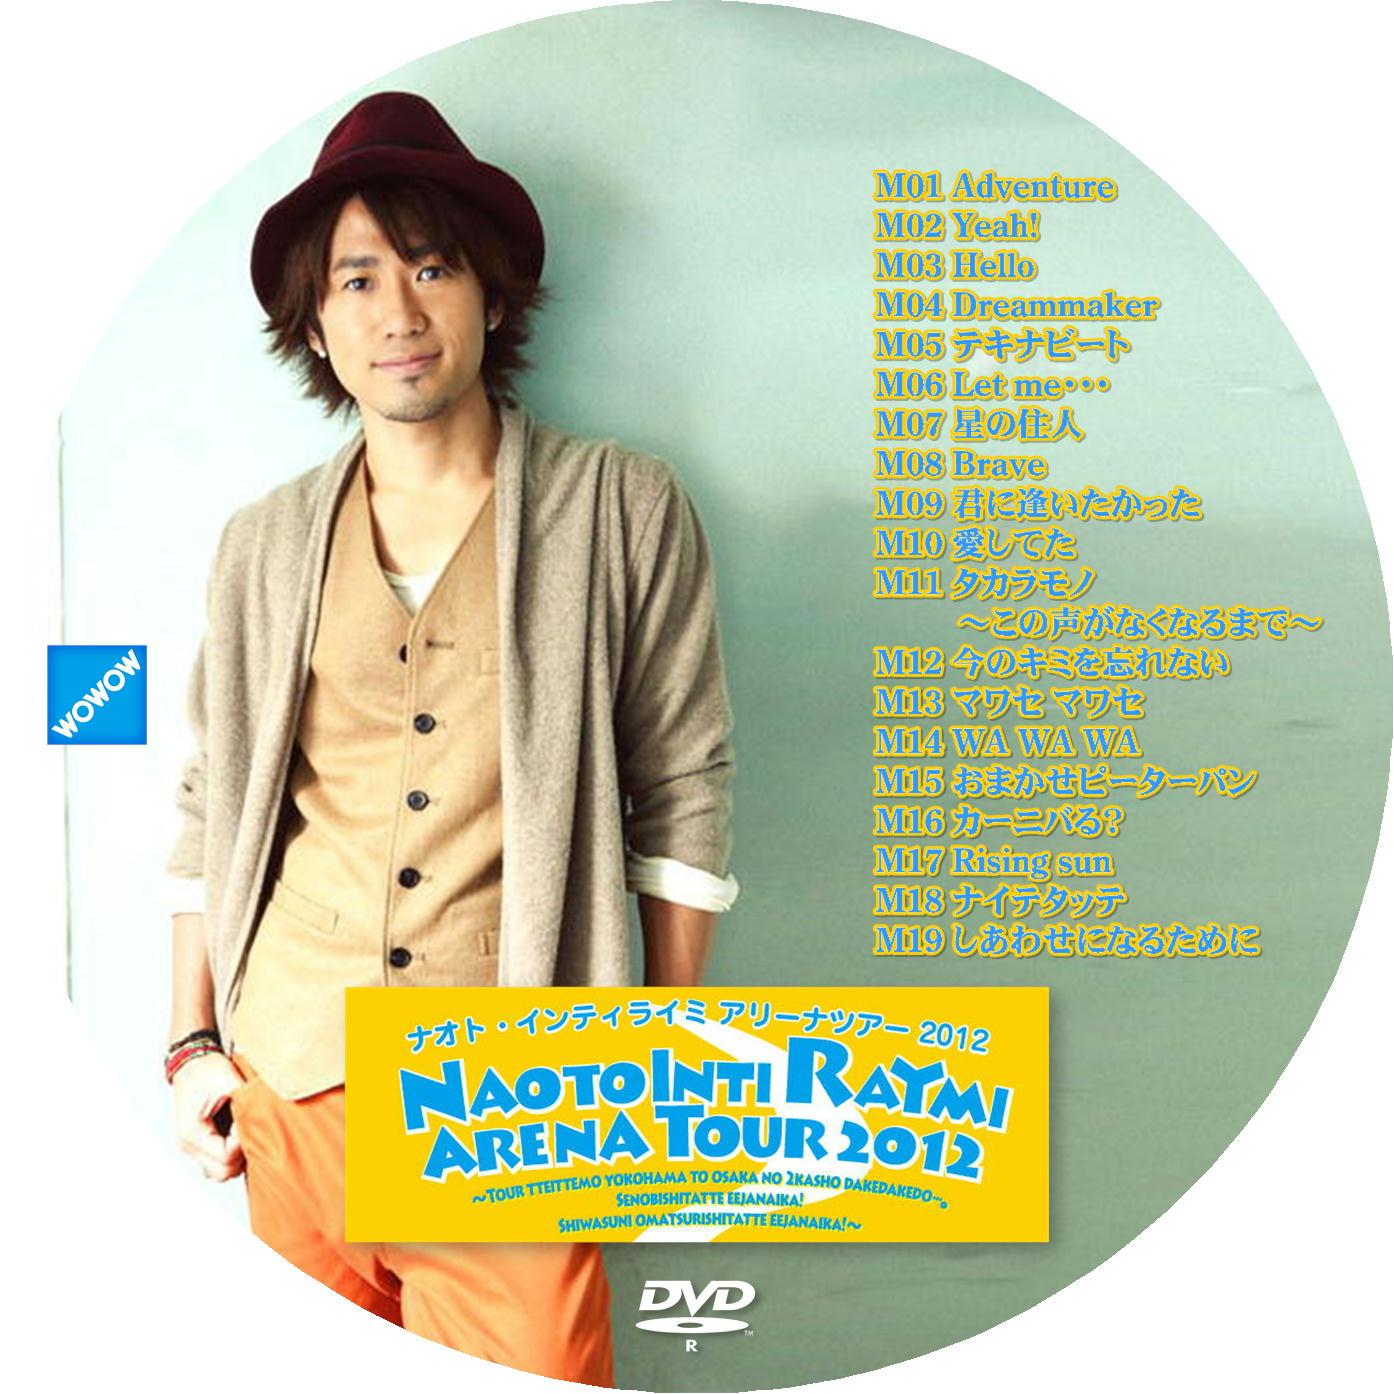 曲目入り静止画DVDラベル